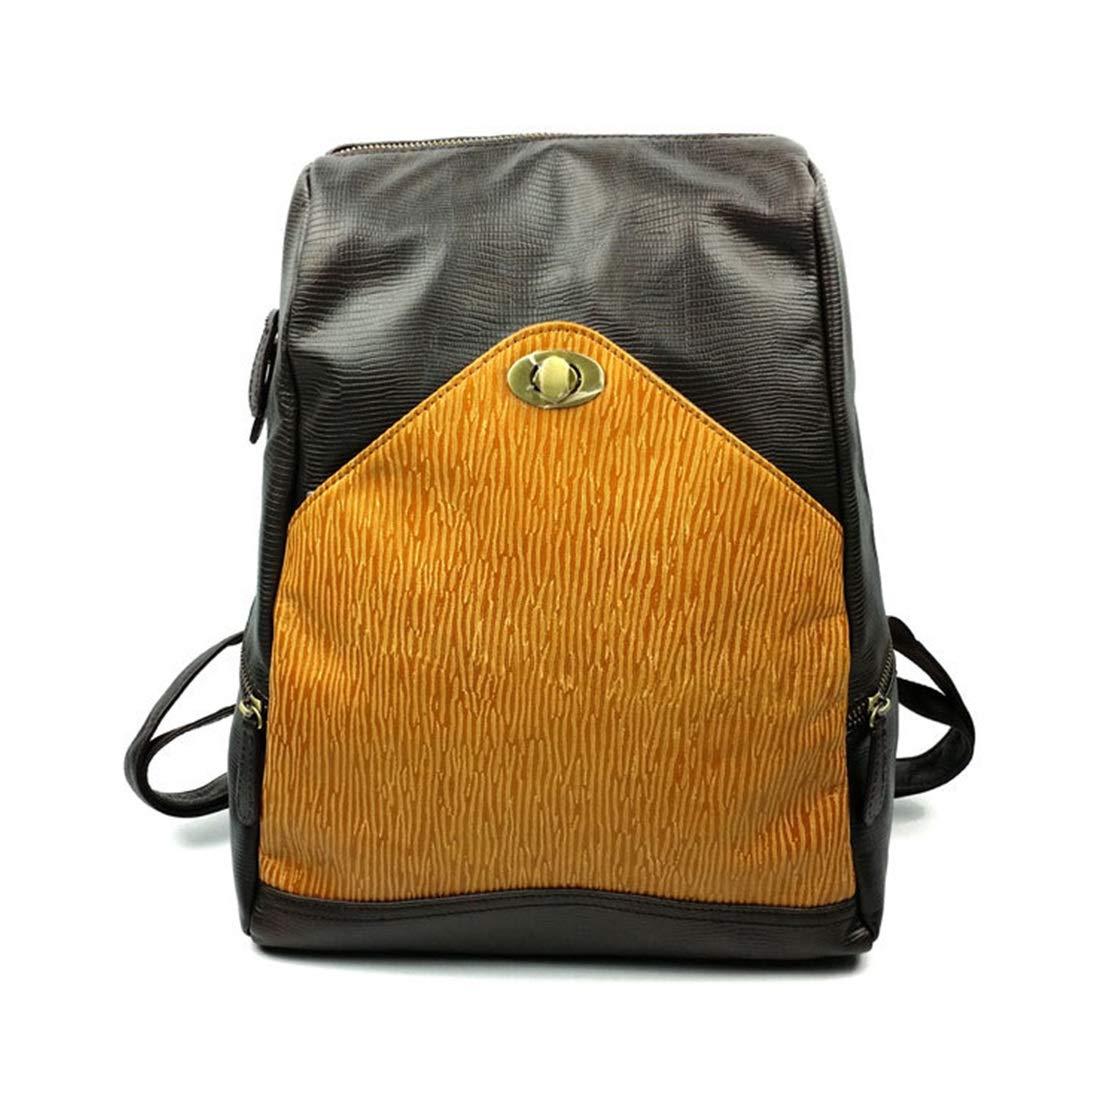 RENSHIHR レディースバックパック財布防水レザーヴィンテージリュックサック軽量学校ショルダーバッグ (Color : Dark gray) B07N1919Z1 Dark gray